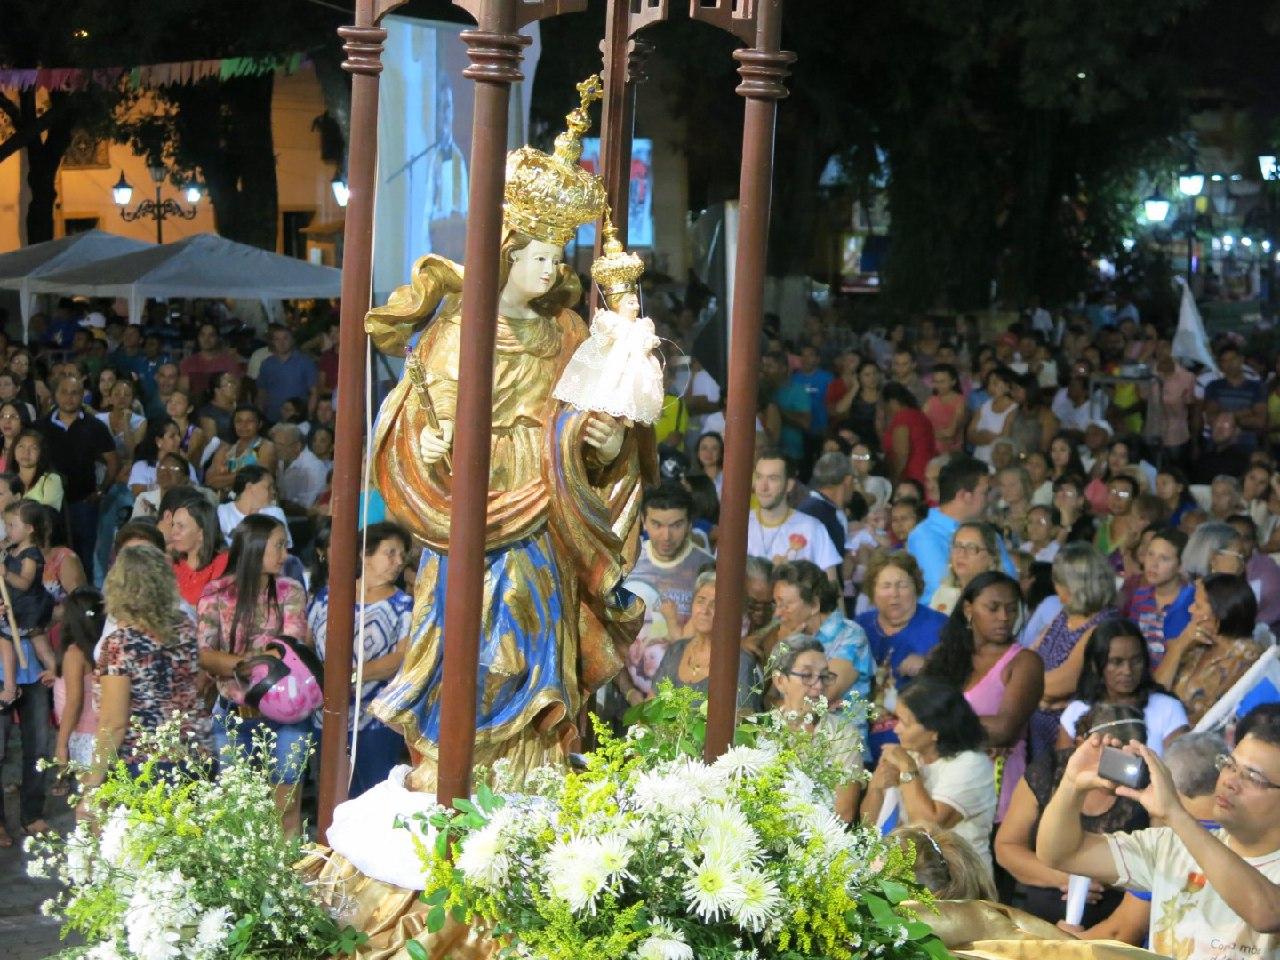 Festa de Nossa Senhora da Penha celebra 100 anos da entronização da Imagem na Sé Catedral de Crato